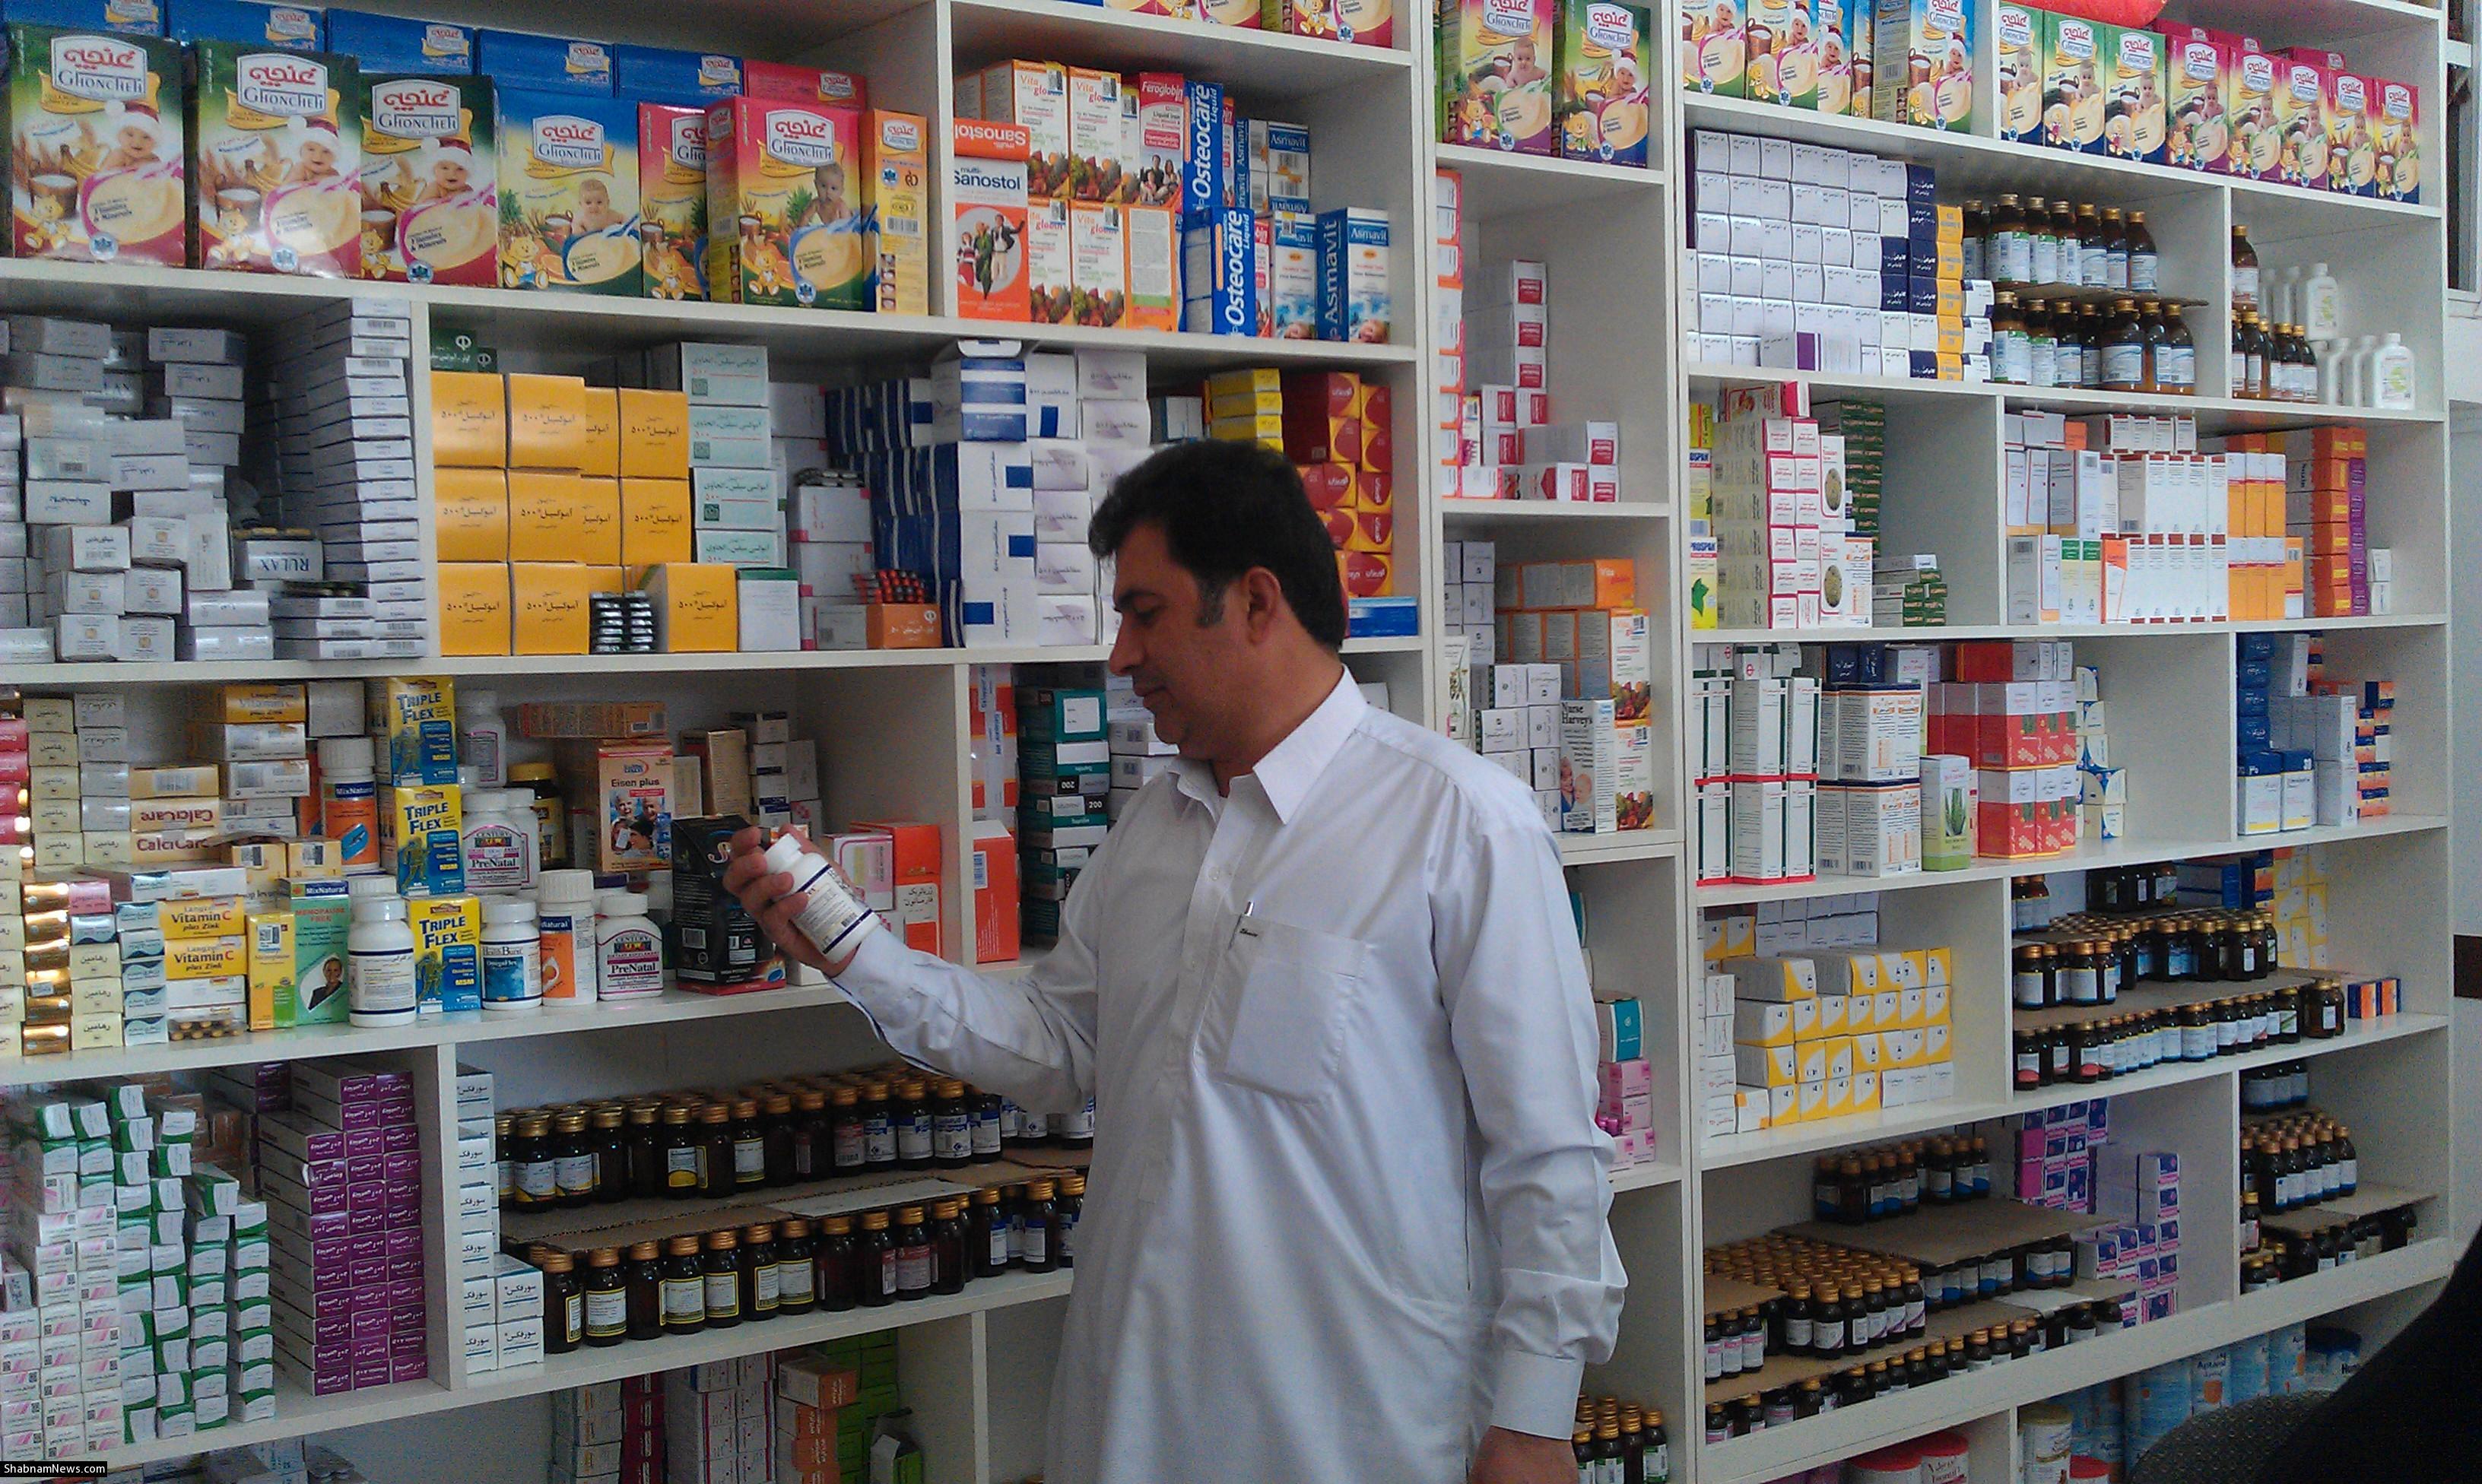 تعلل سازمان های بیمه گر در پرداخت حق بیمه داروخانه ها